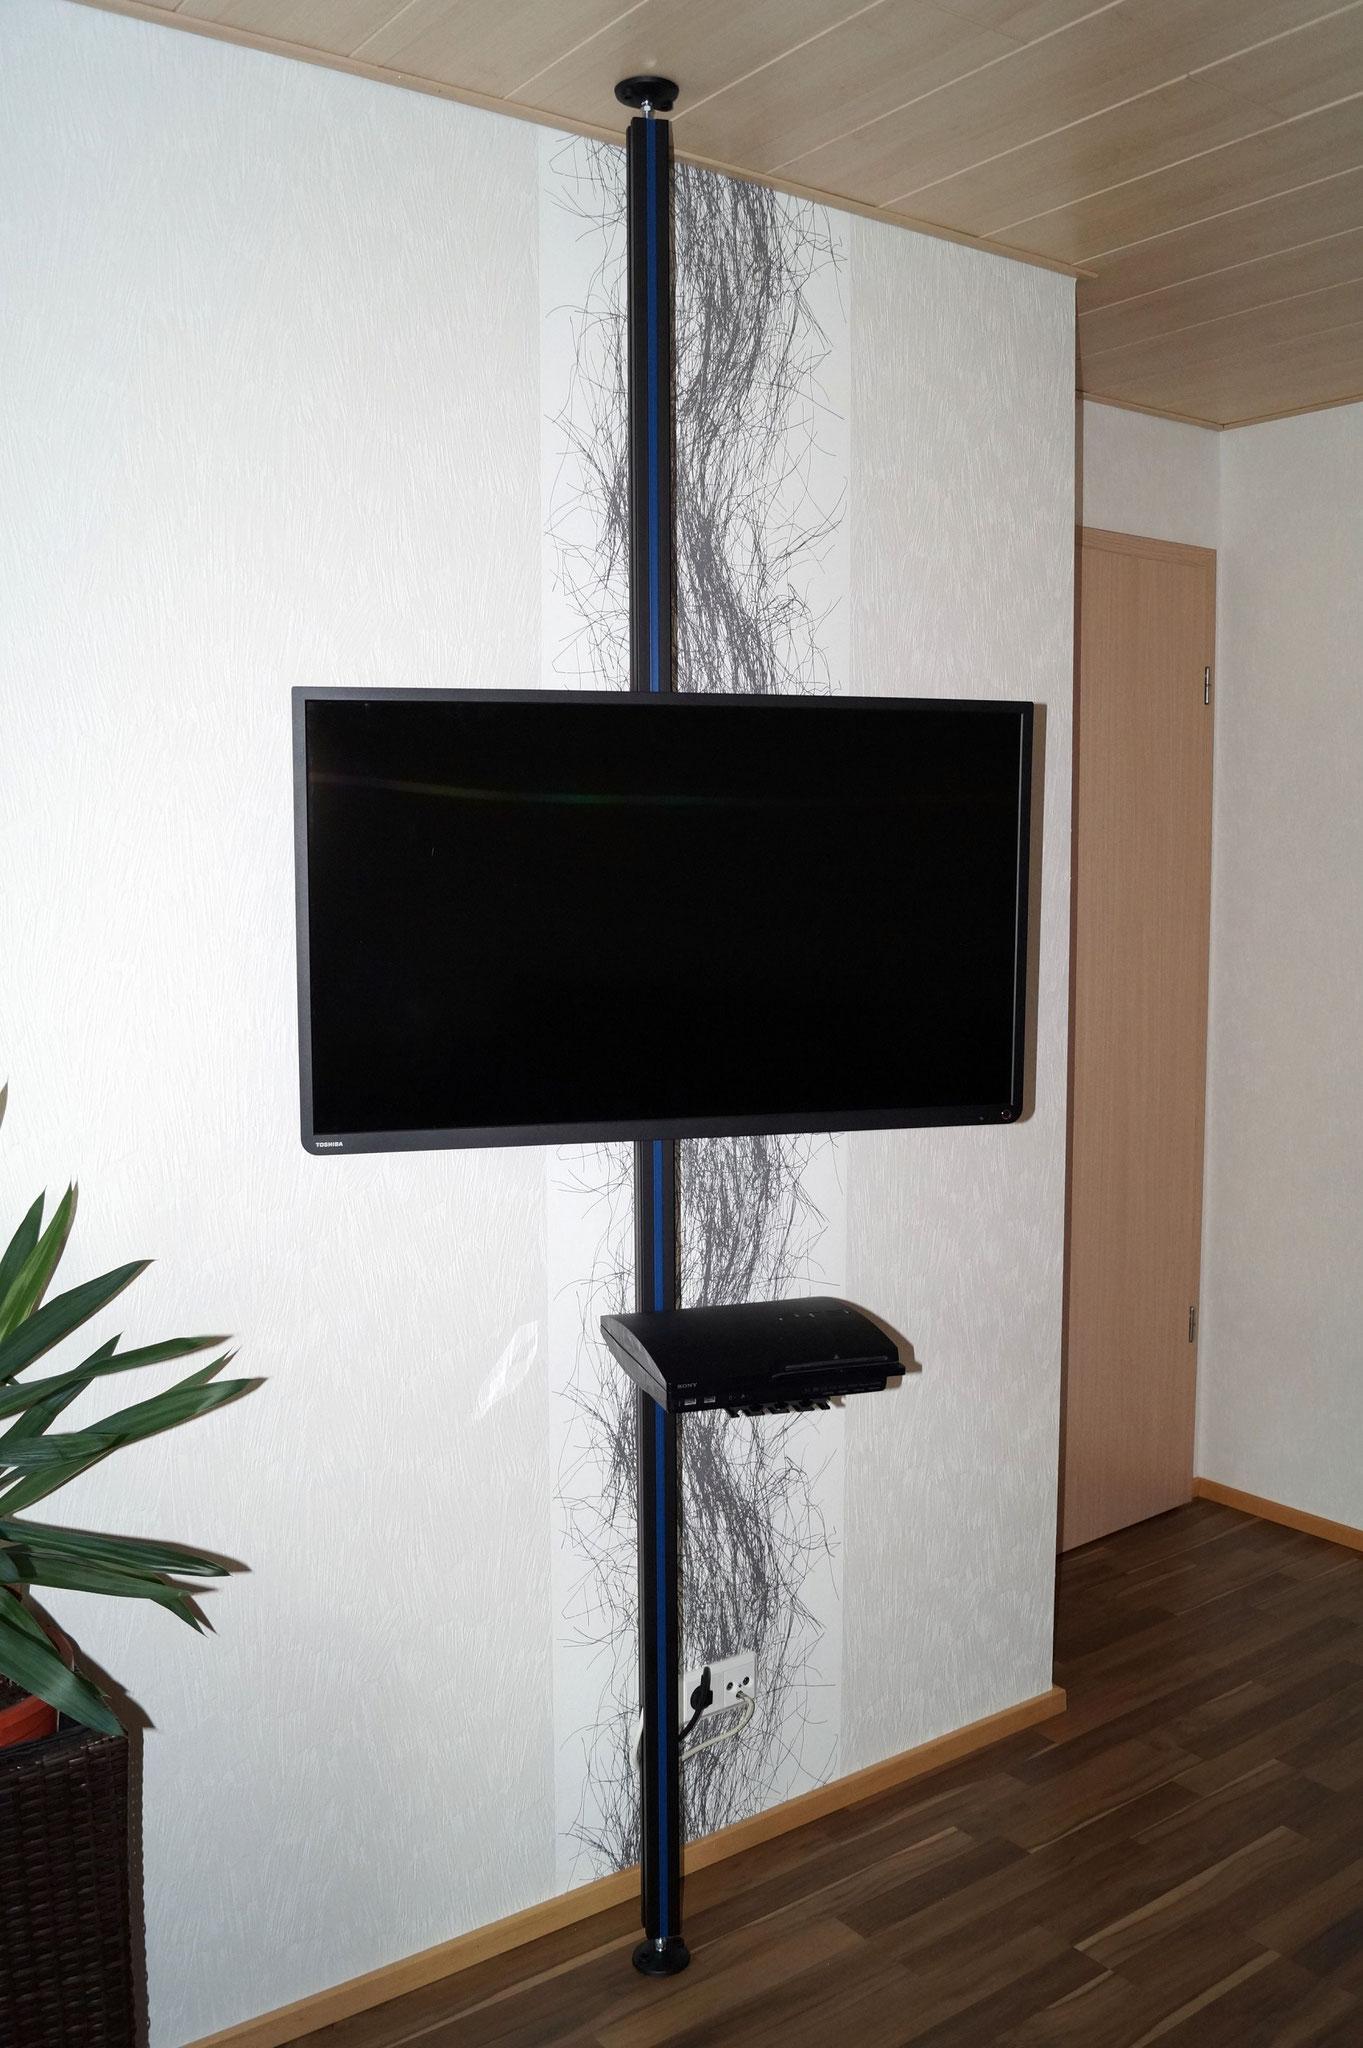 tv halterung decke tv halterung decke preiswert uni prof 24 tv halterung drehbar schwenkbar. Black Bedroom Furniture Sets. Home Design Ideas